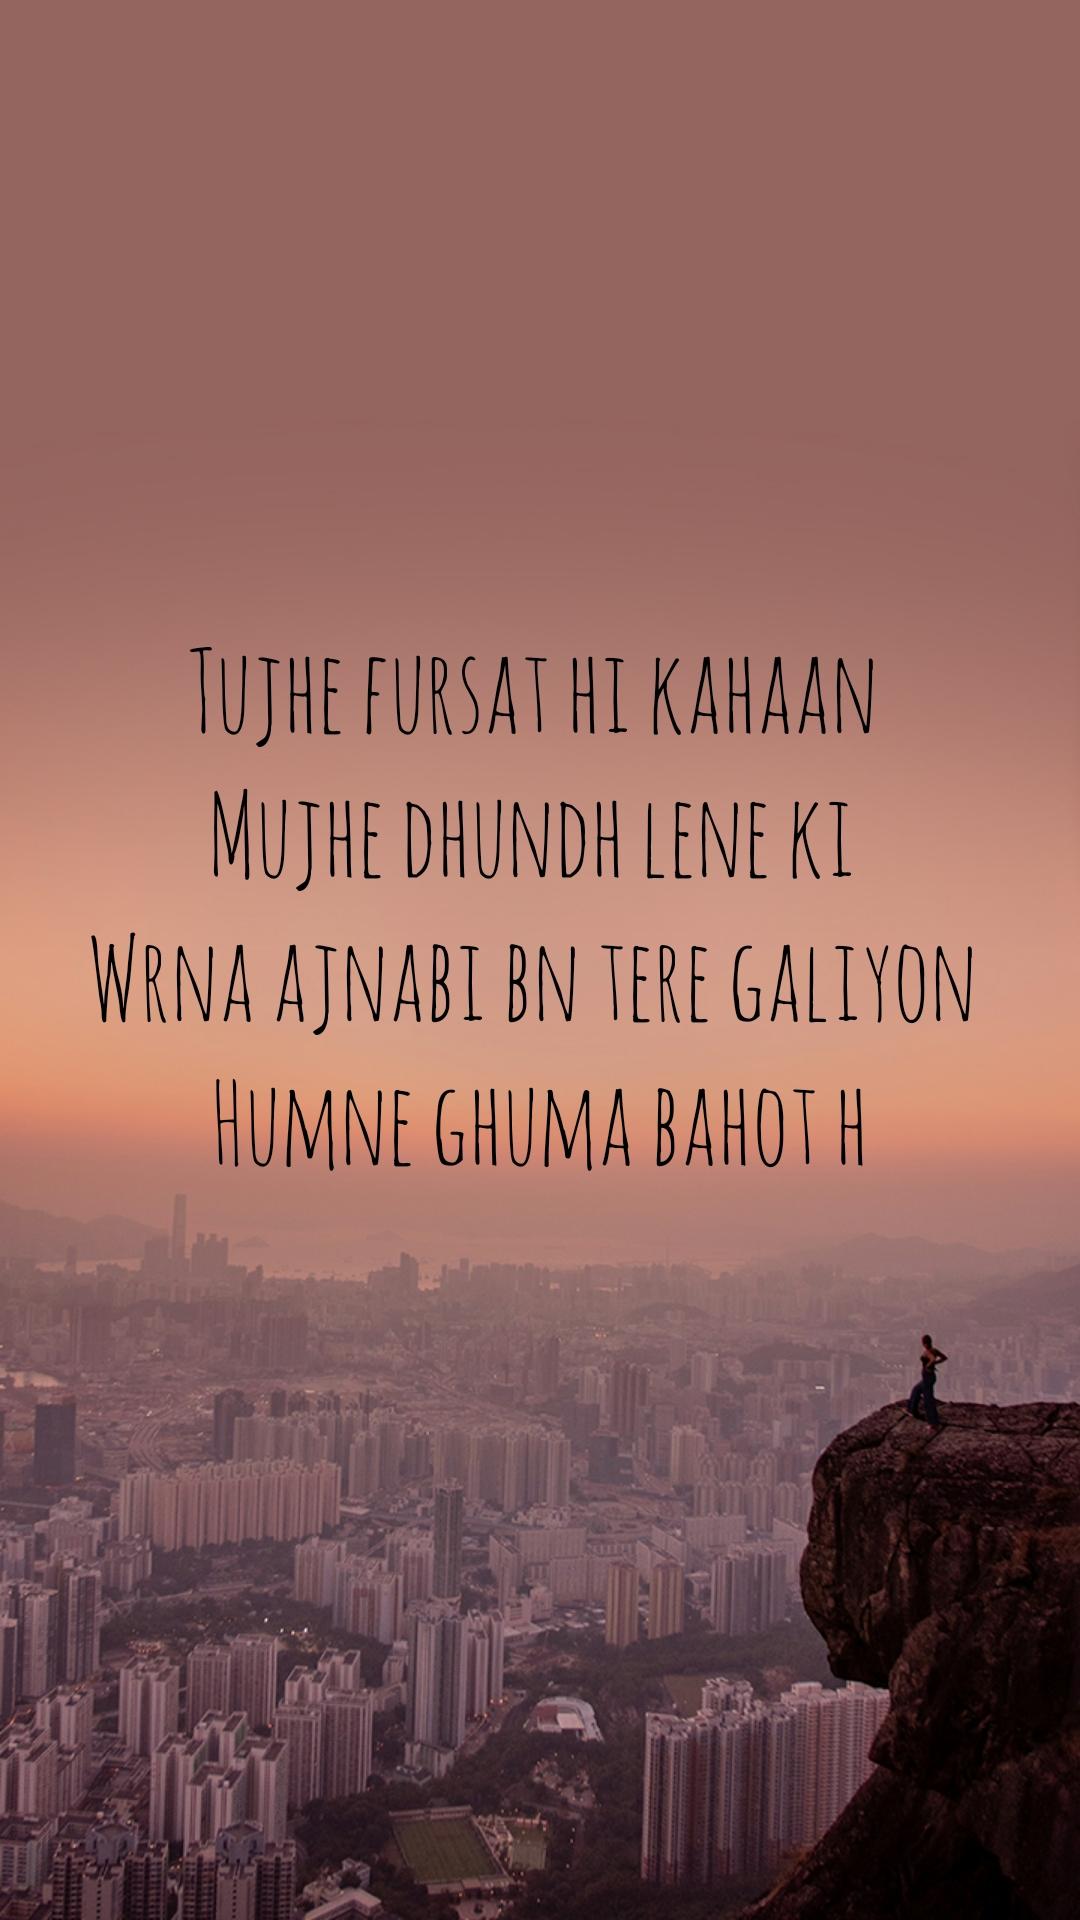 Tujhe fursat hi kahaan  Mujhe dhundh lene ki  Wrna ajnabi bn tere galiyon  Humne ghuma bahot h